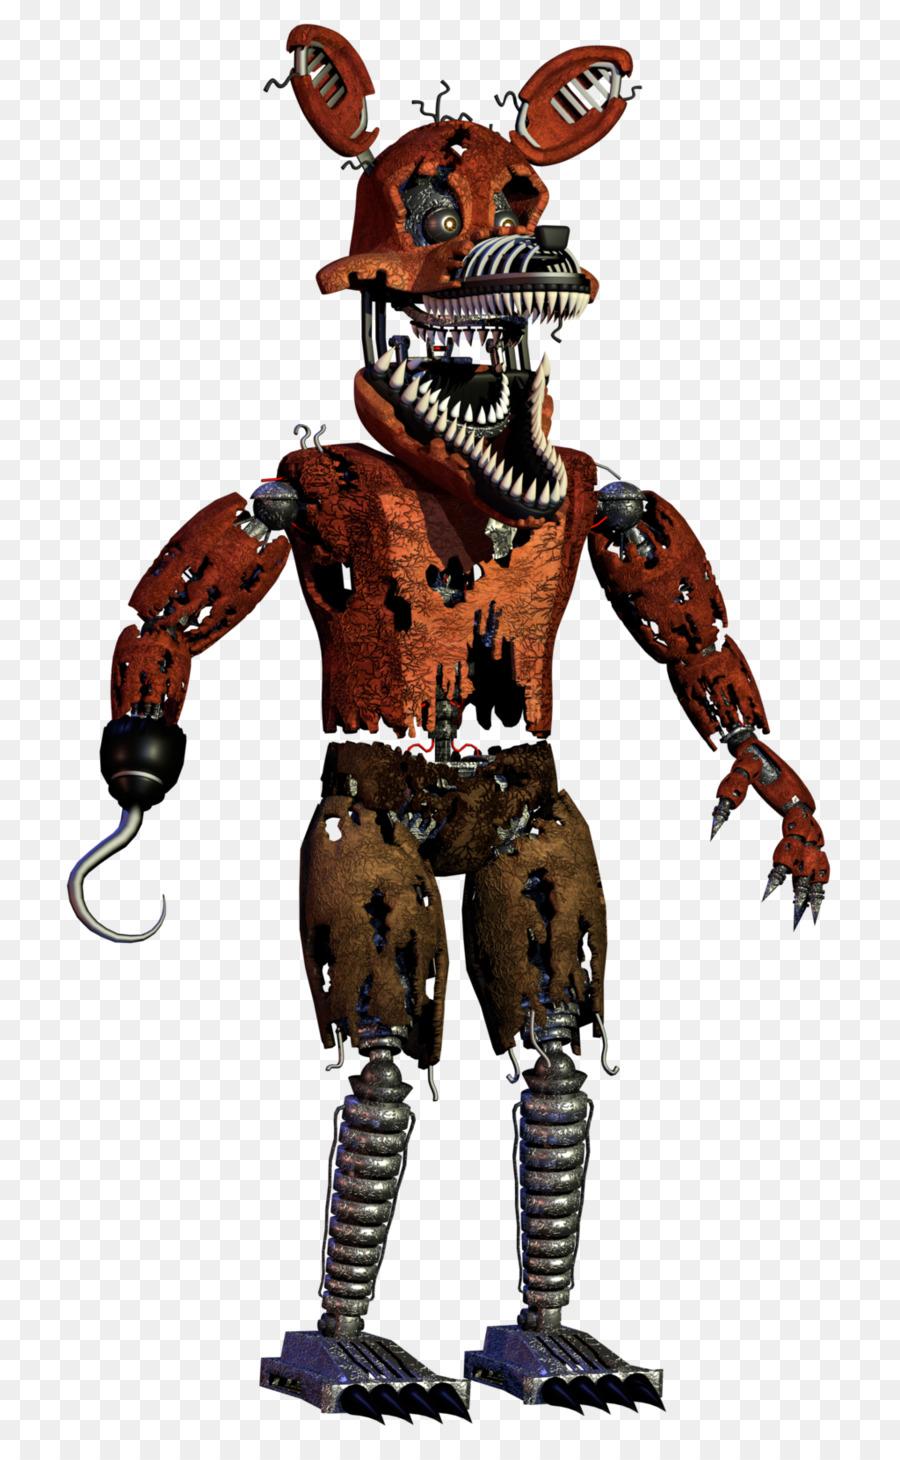 Descarga gratuita de Cinco Noches En Freddys 4, Cinco Noches En Freddy De La Hermana De La Ubicación, Cinco Noches En Freddys Imágen de Png